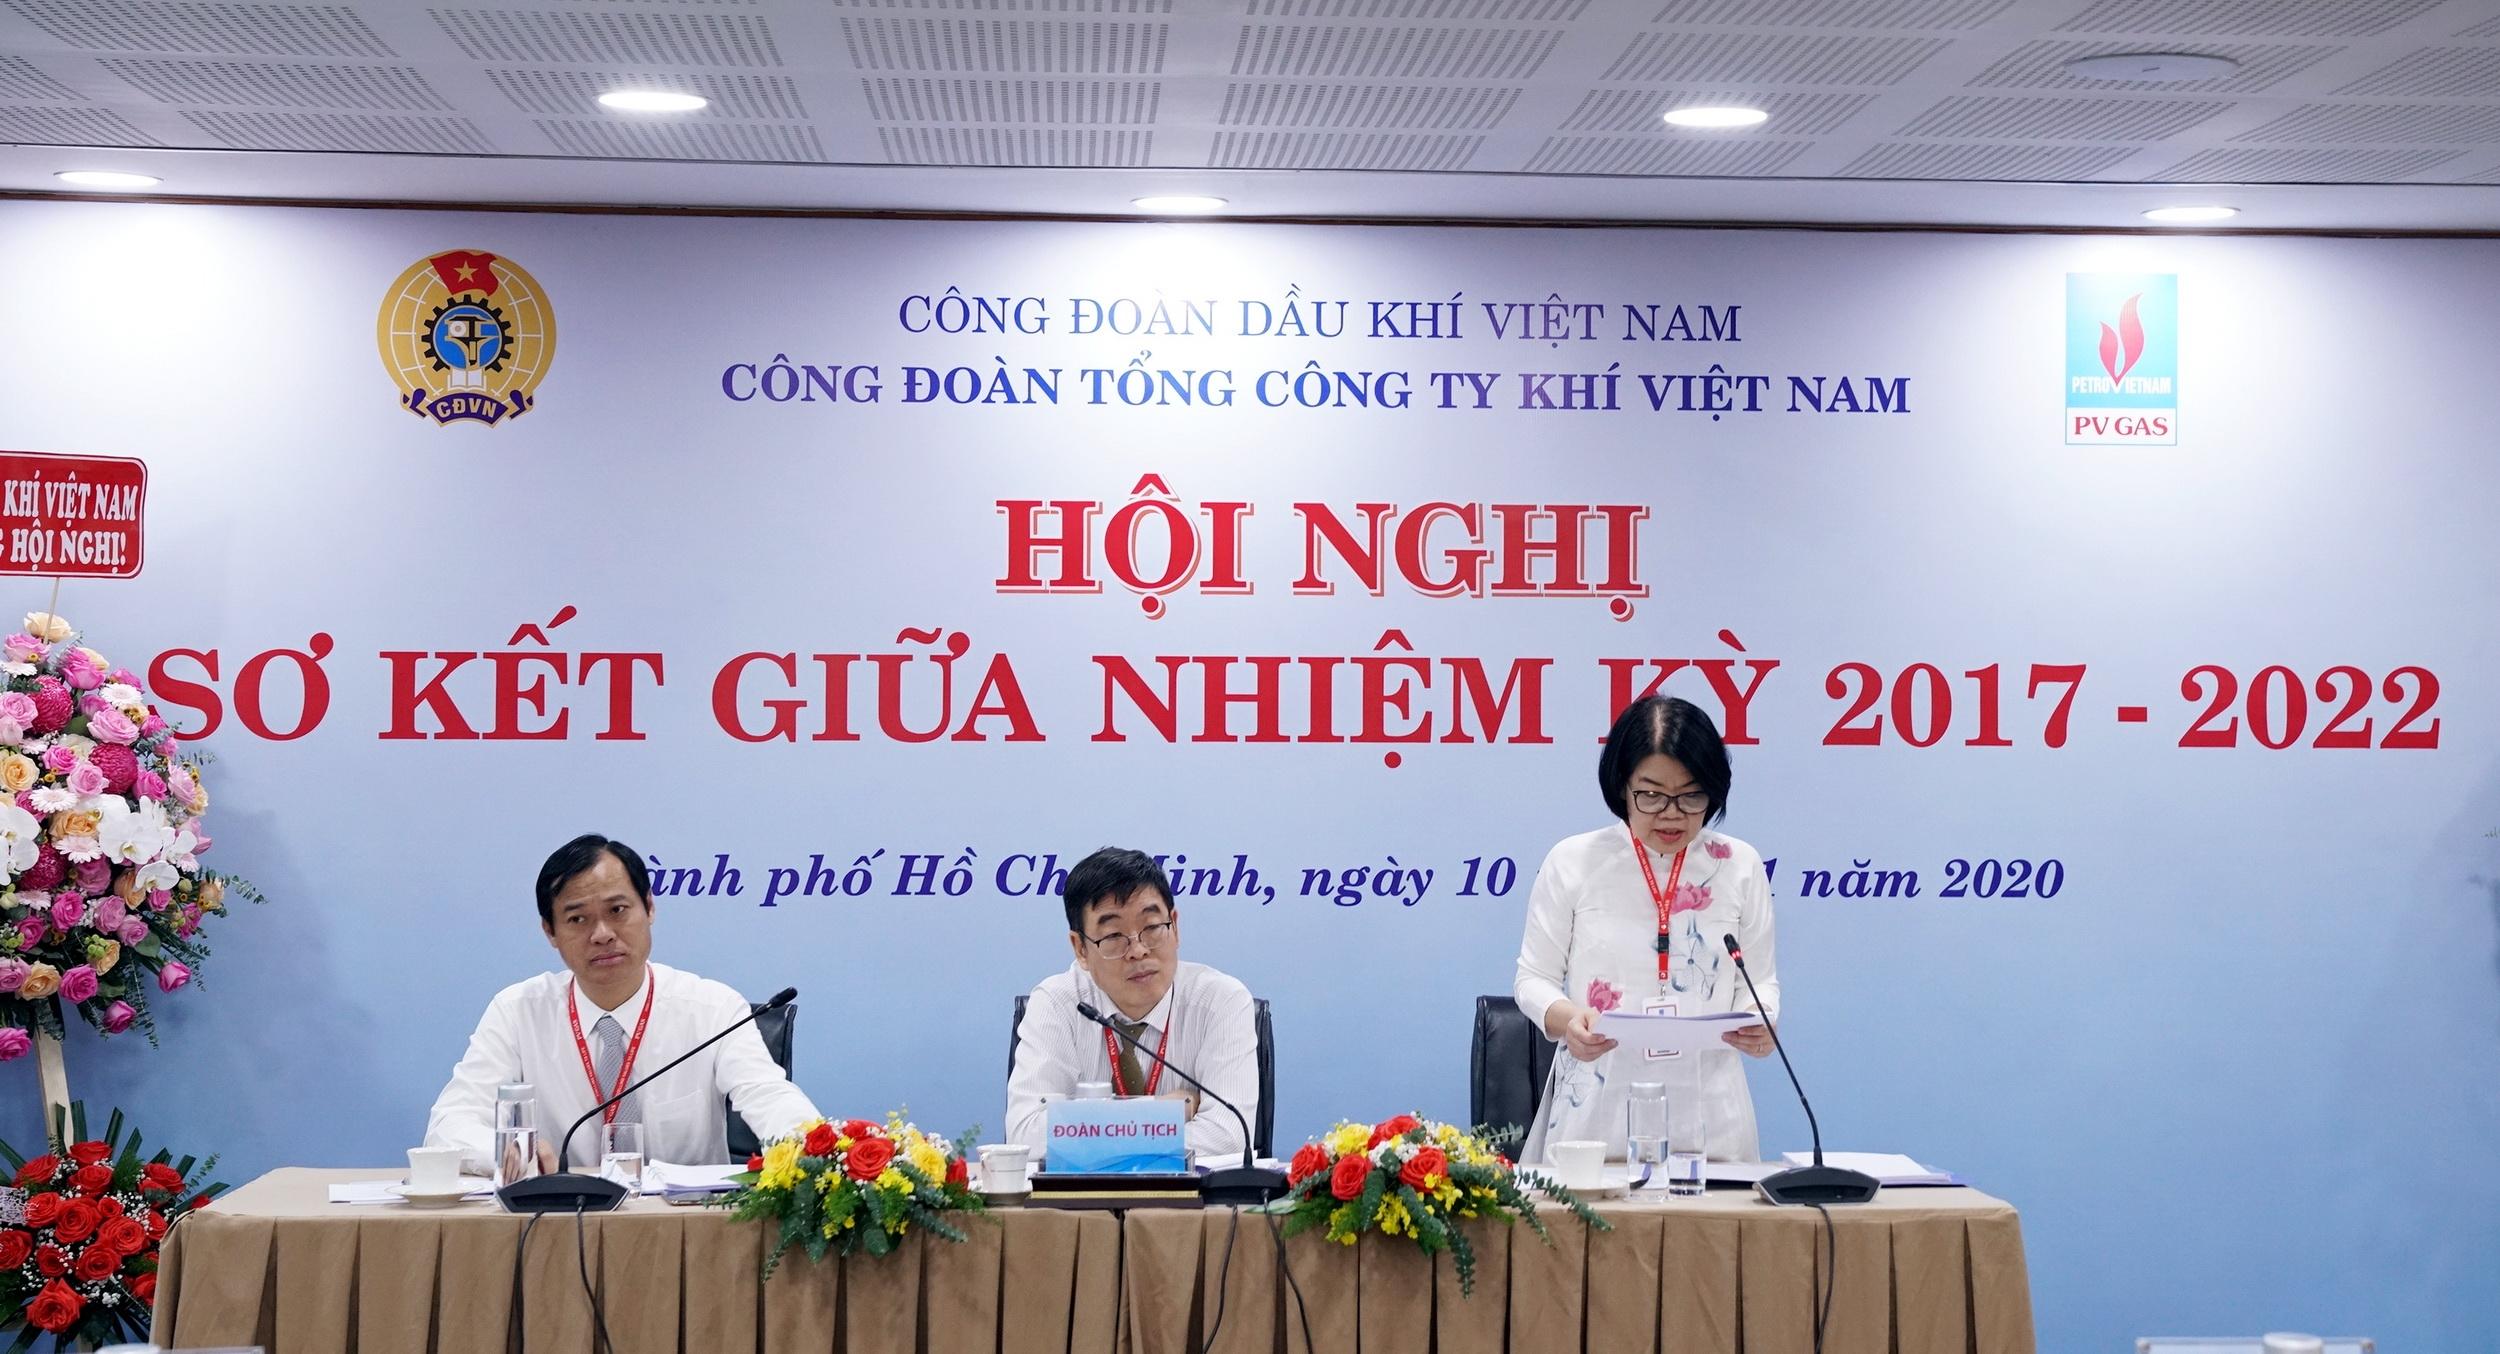 Đoàn Chủ tịch điều hành Hội nghị